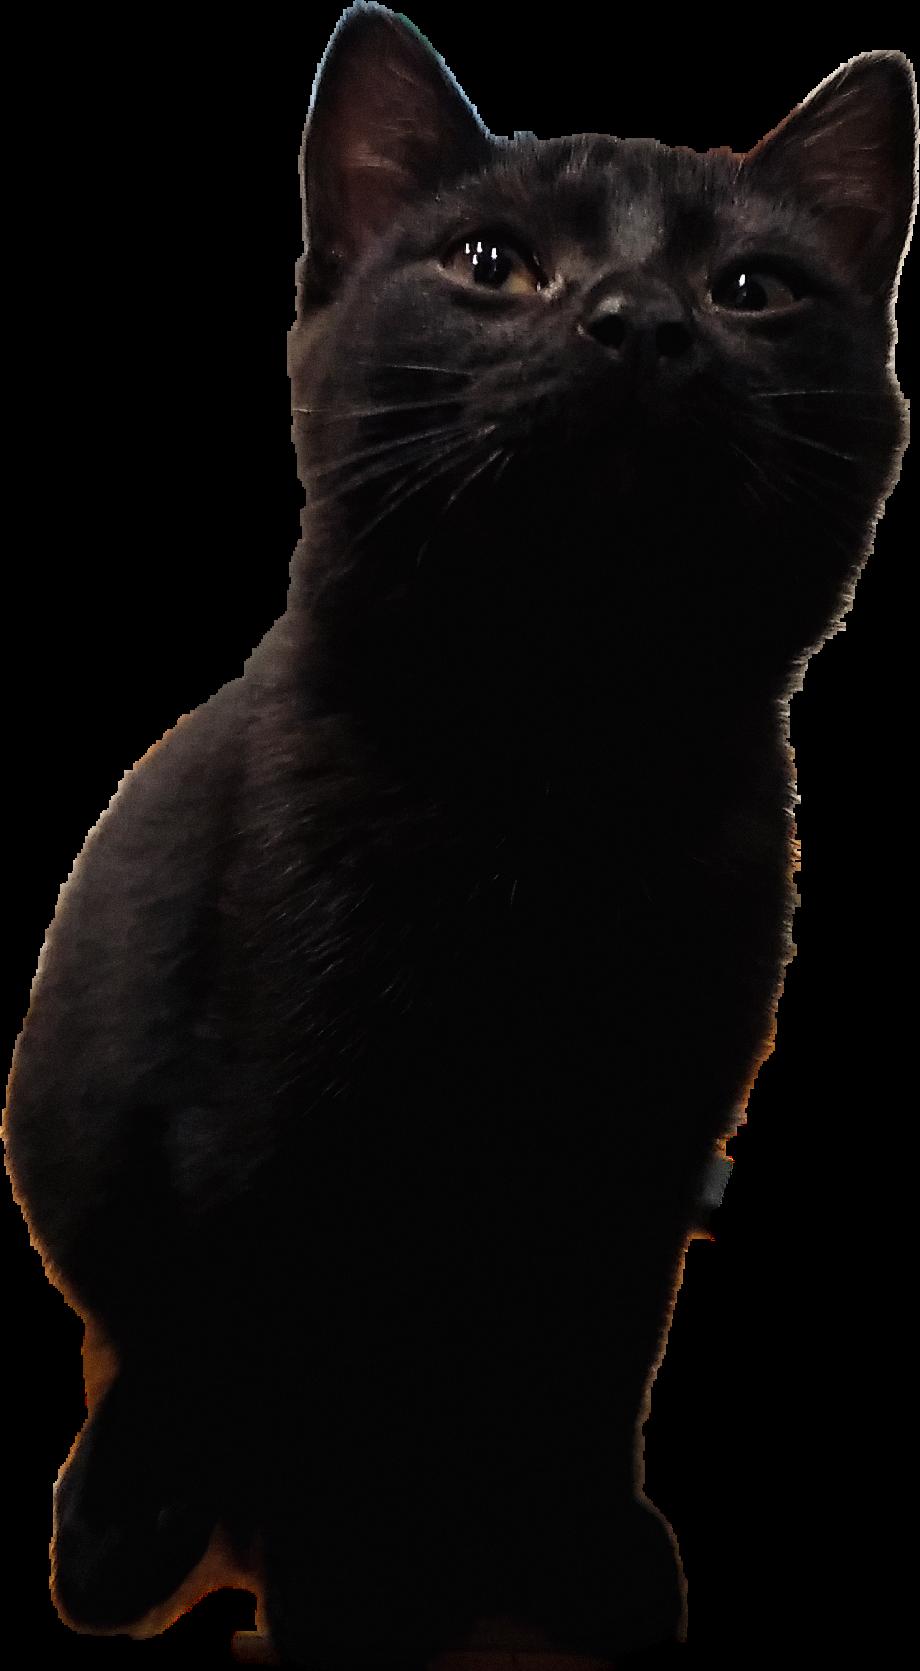 #котёнок